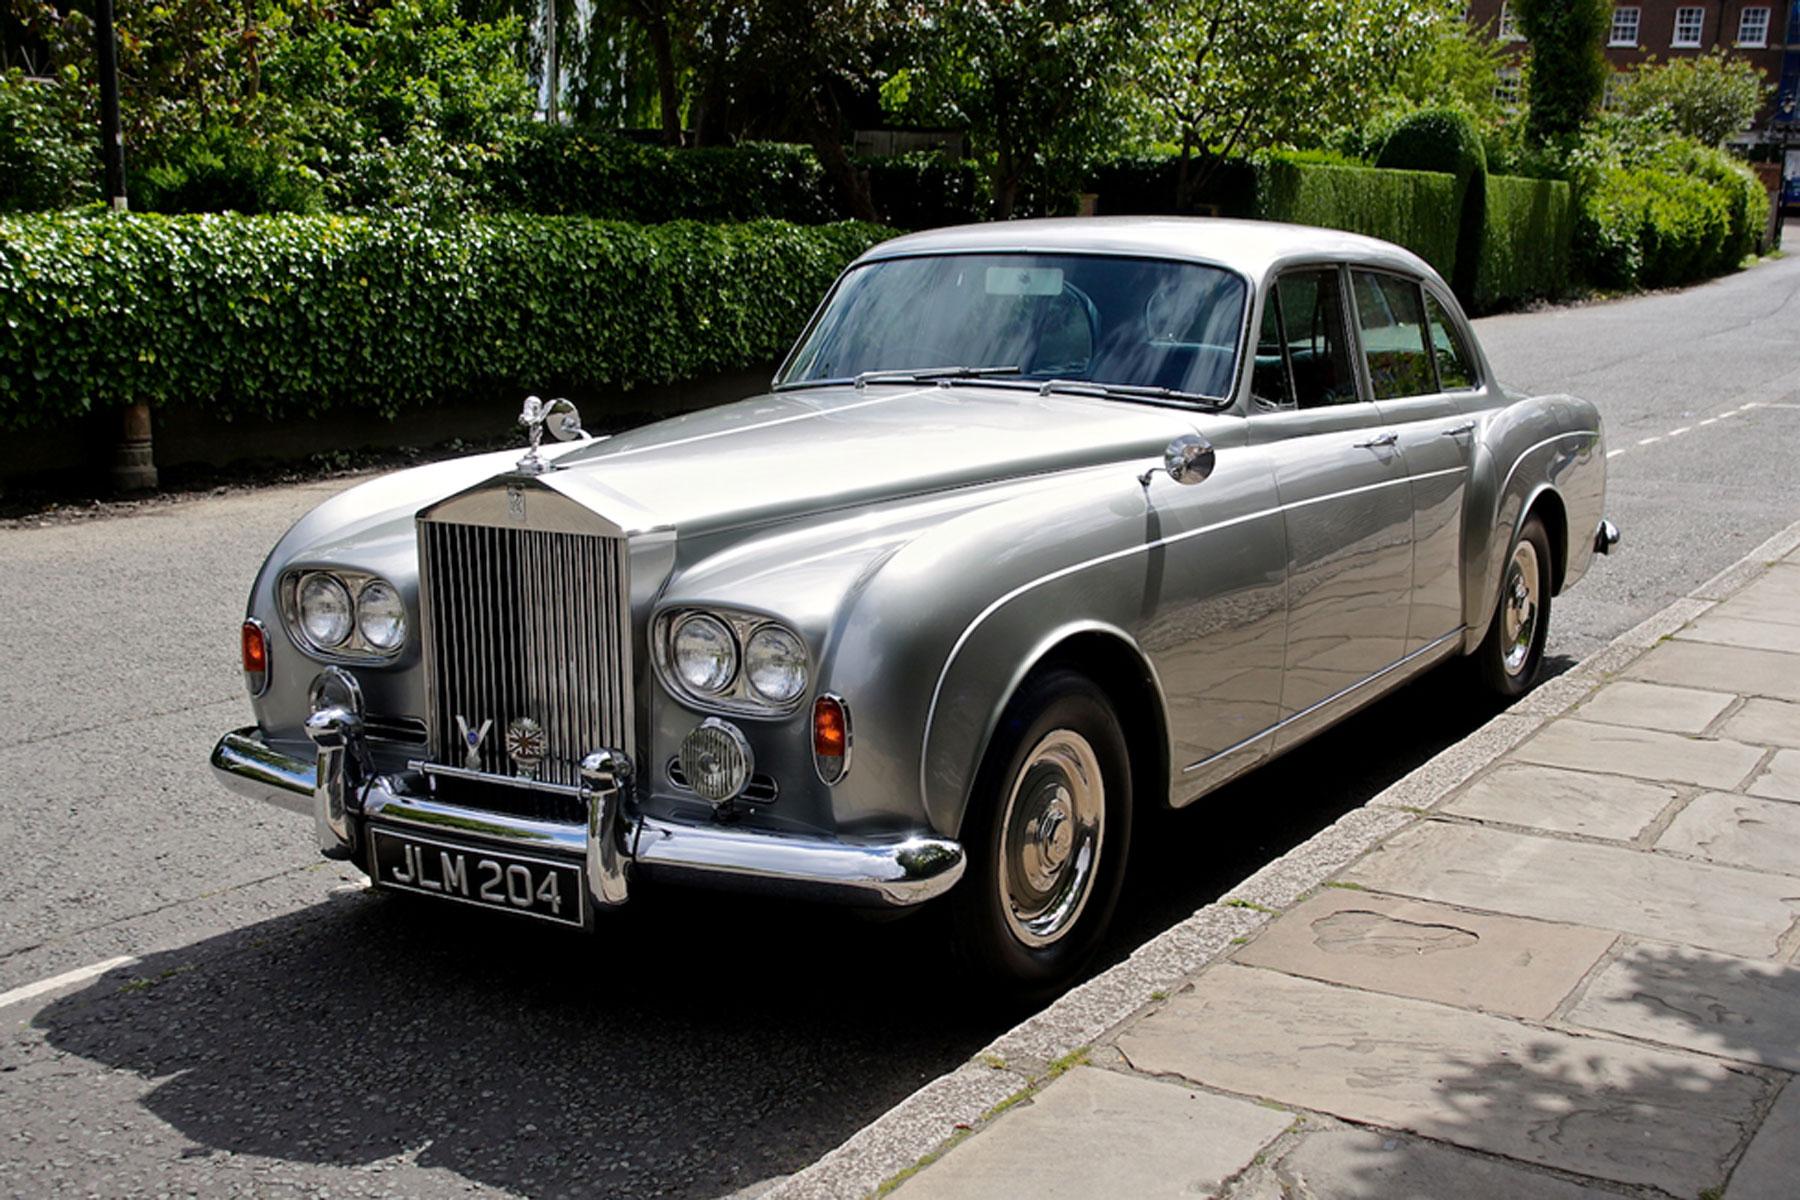 Rolls-Royce: £150,000 - £180,000